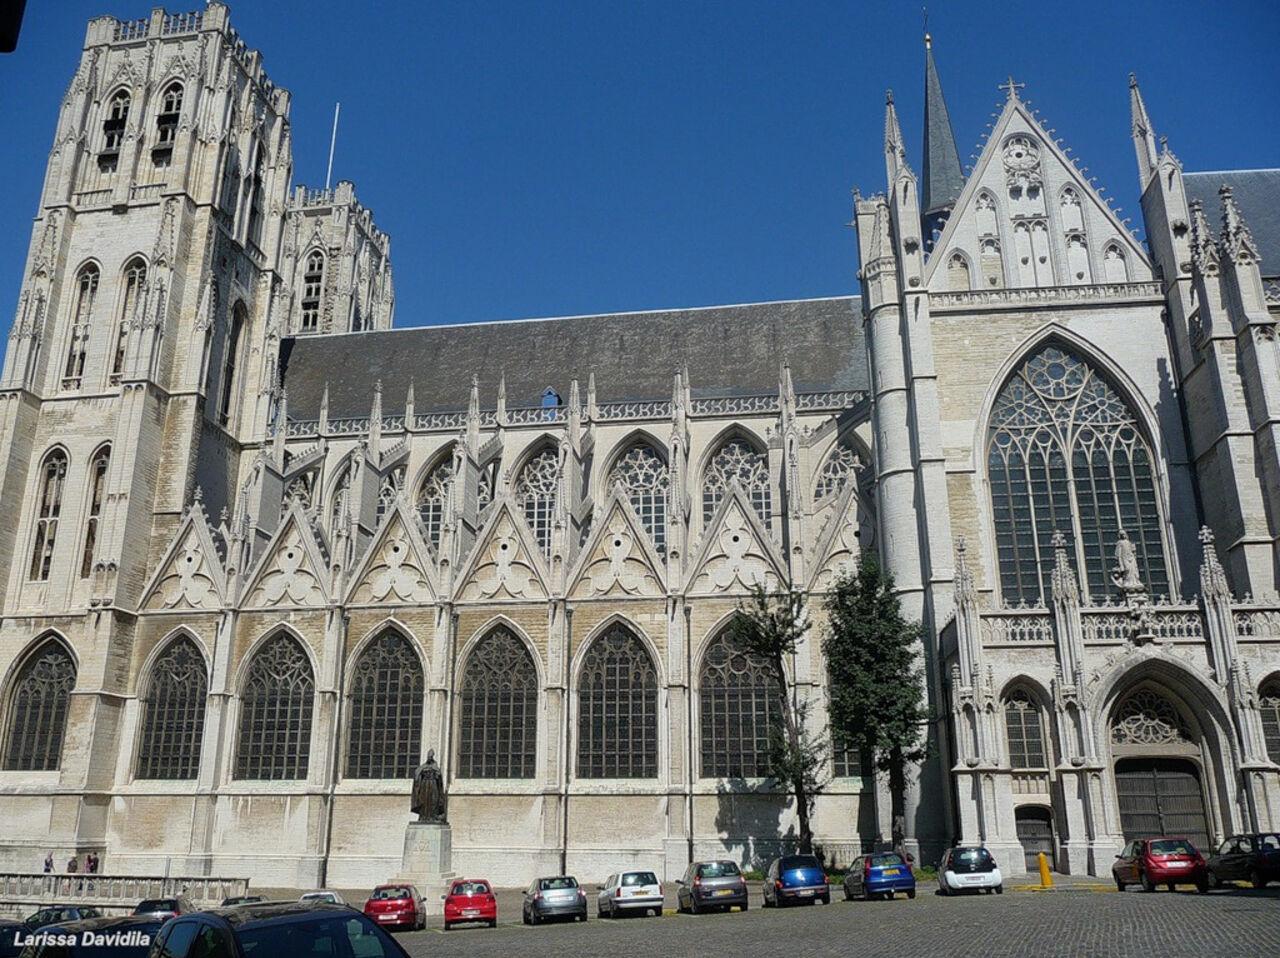 Гимн РФ исполнили наколоколах королевского храма вБрюсселе